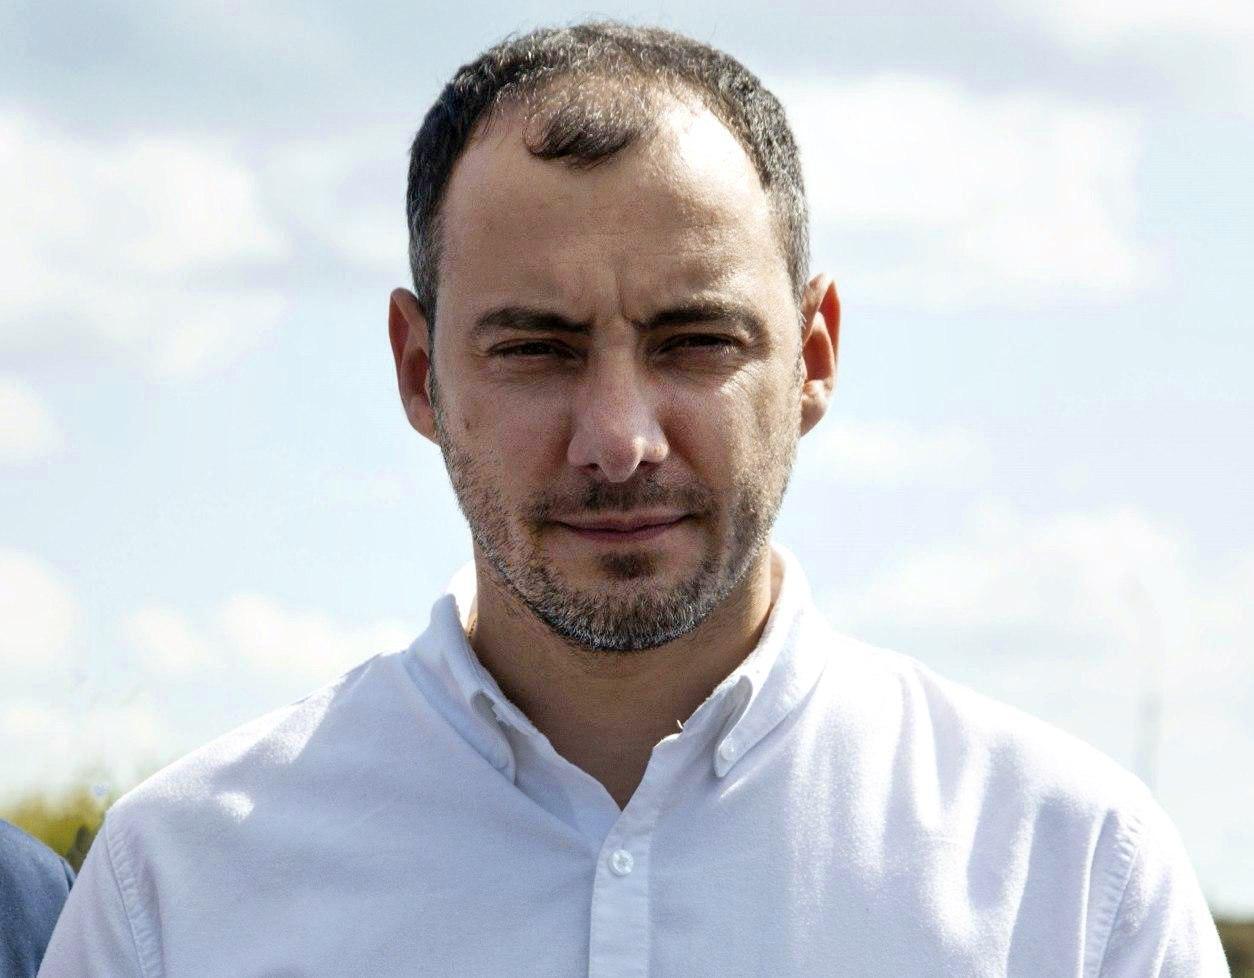 Кубраков получил премию MINTRANS в номинации лучшие менеджеры инфраструктуры и транспорта.